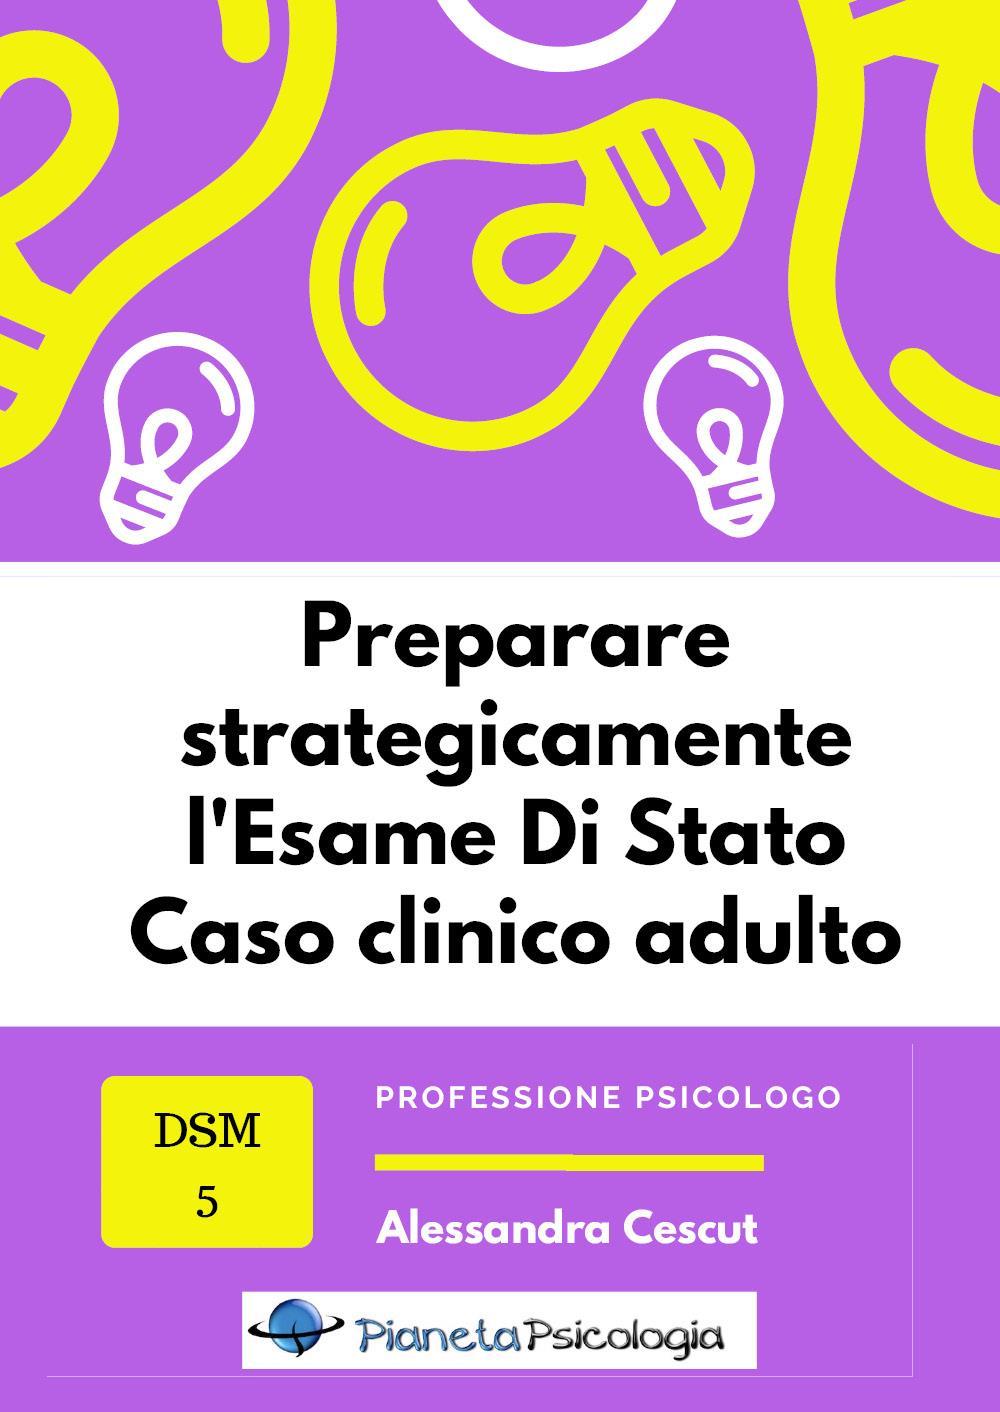 Preparare strategicamente l'Esame Di Stato in psicologia - III prova caso clinico adulto